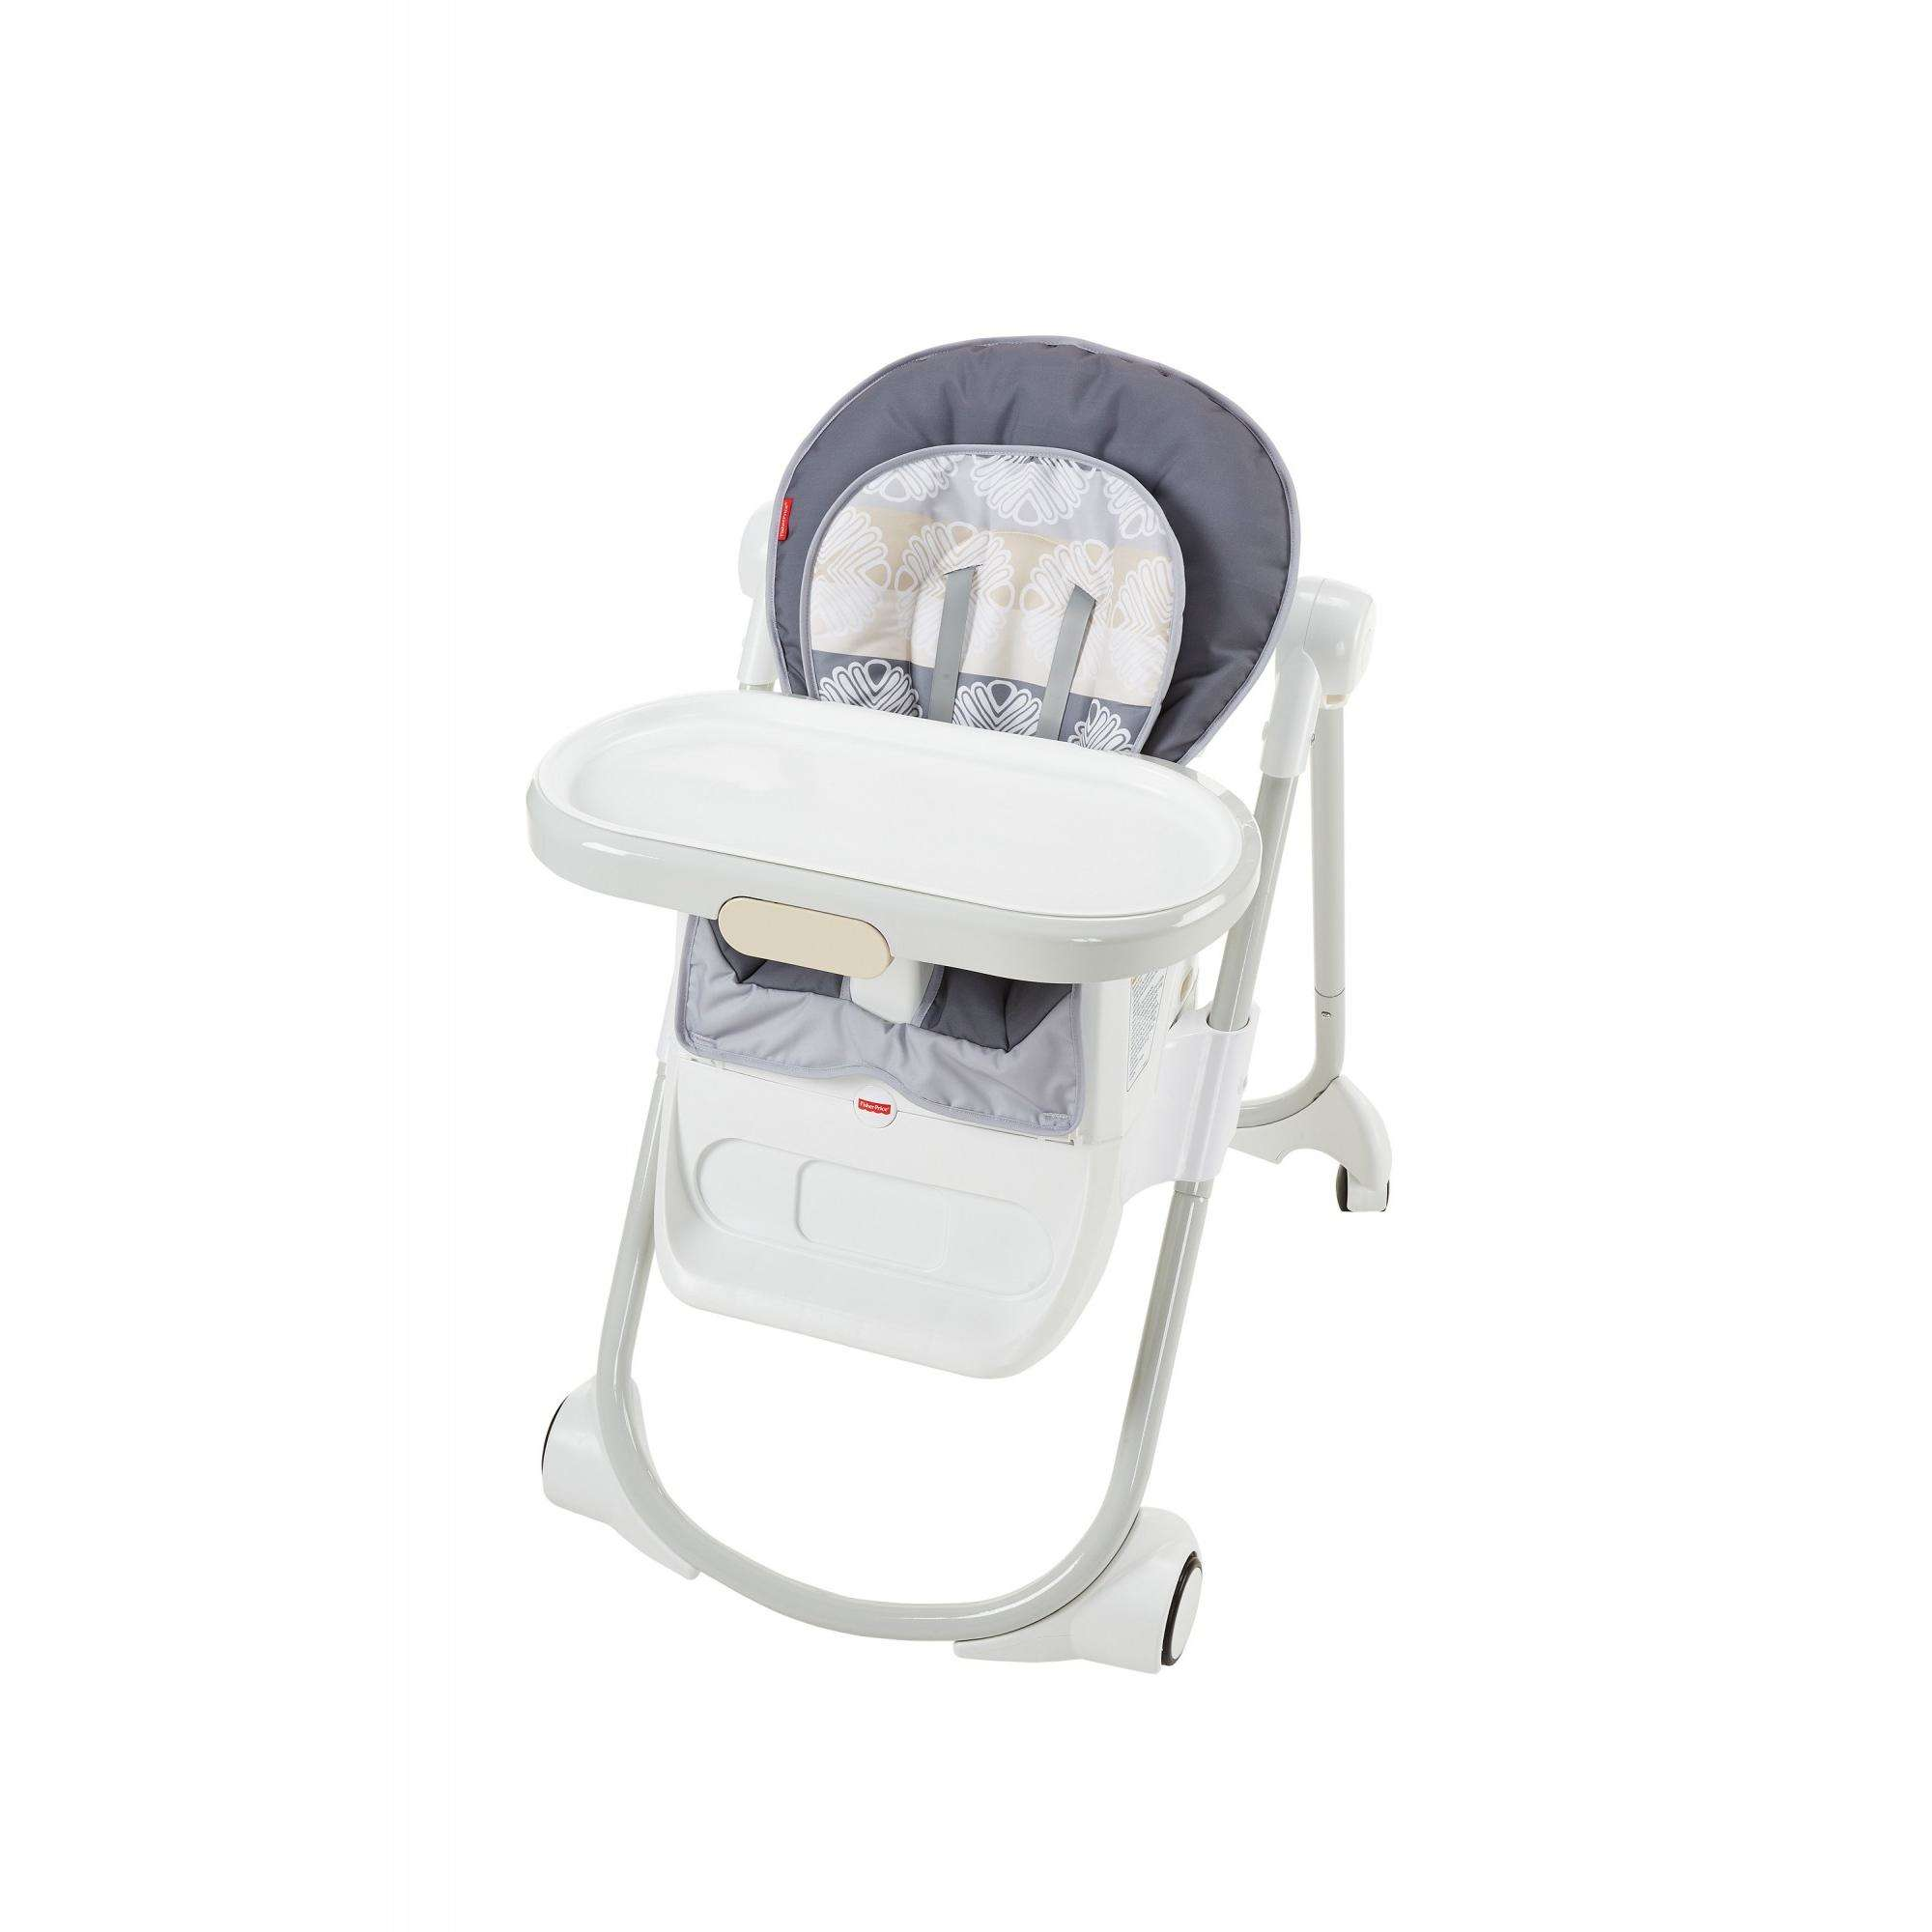 Chair fisher price high chair ez clean - Chair Fisher Price High Chair Ez Clean 32